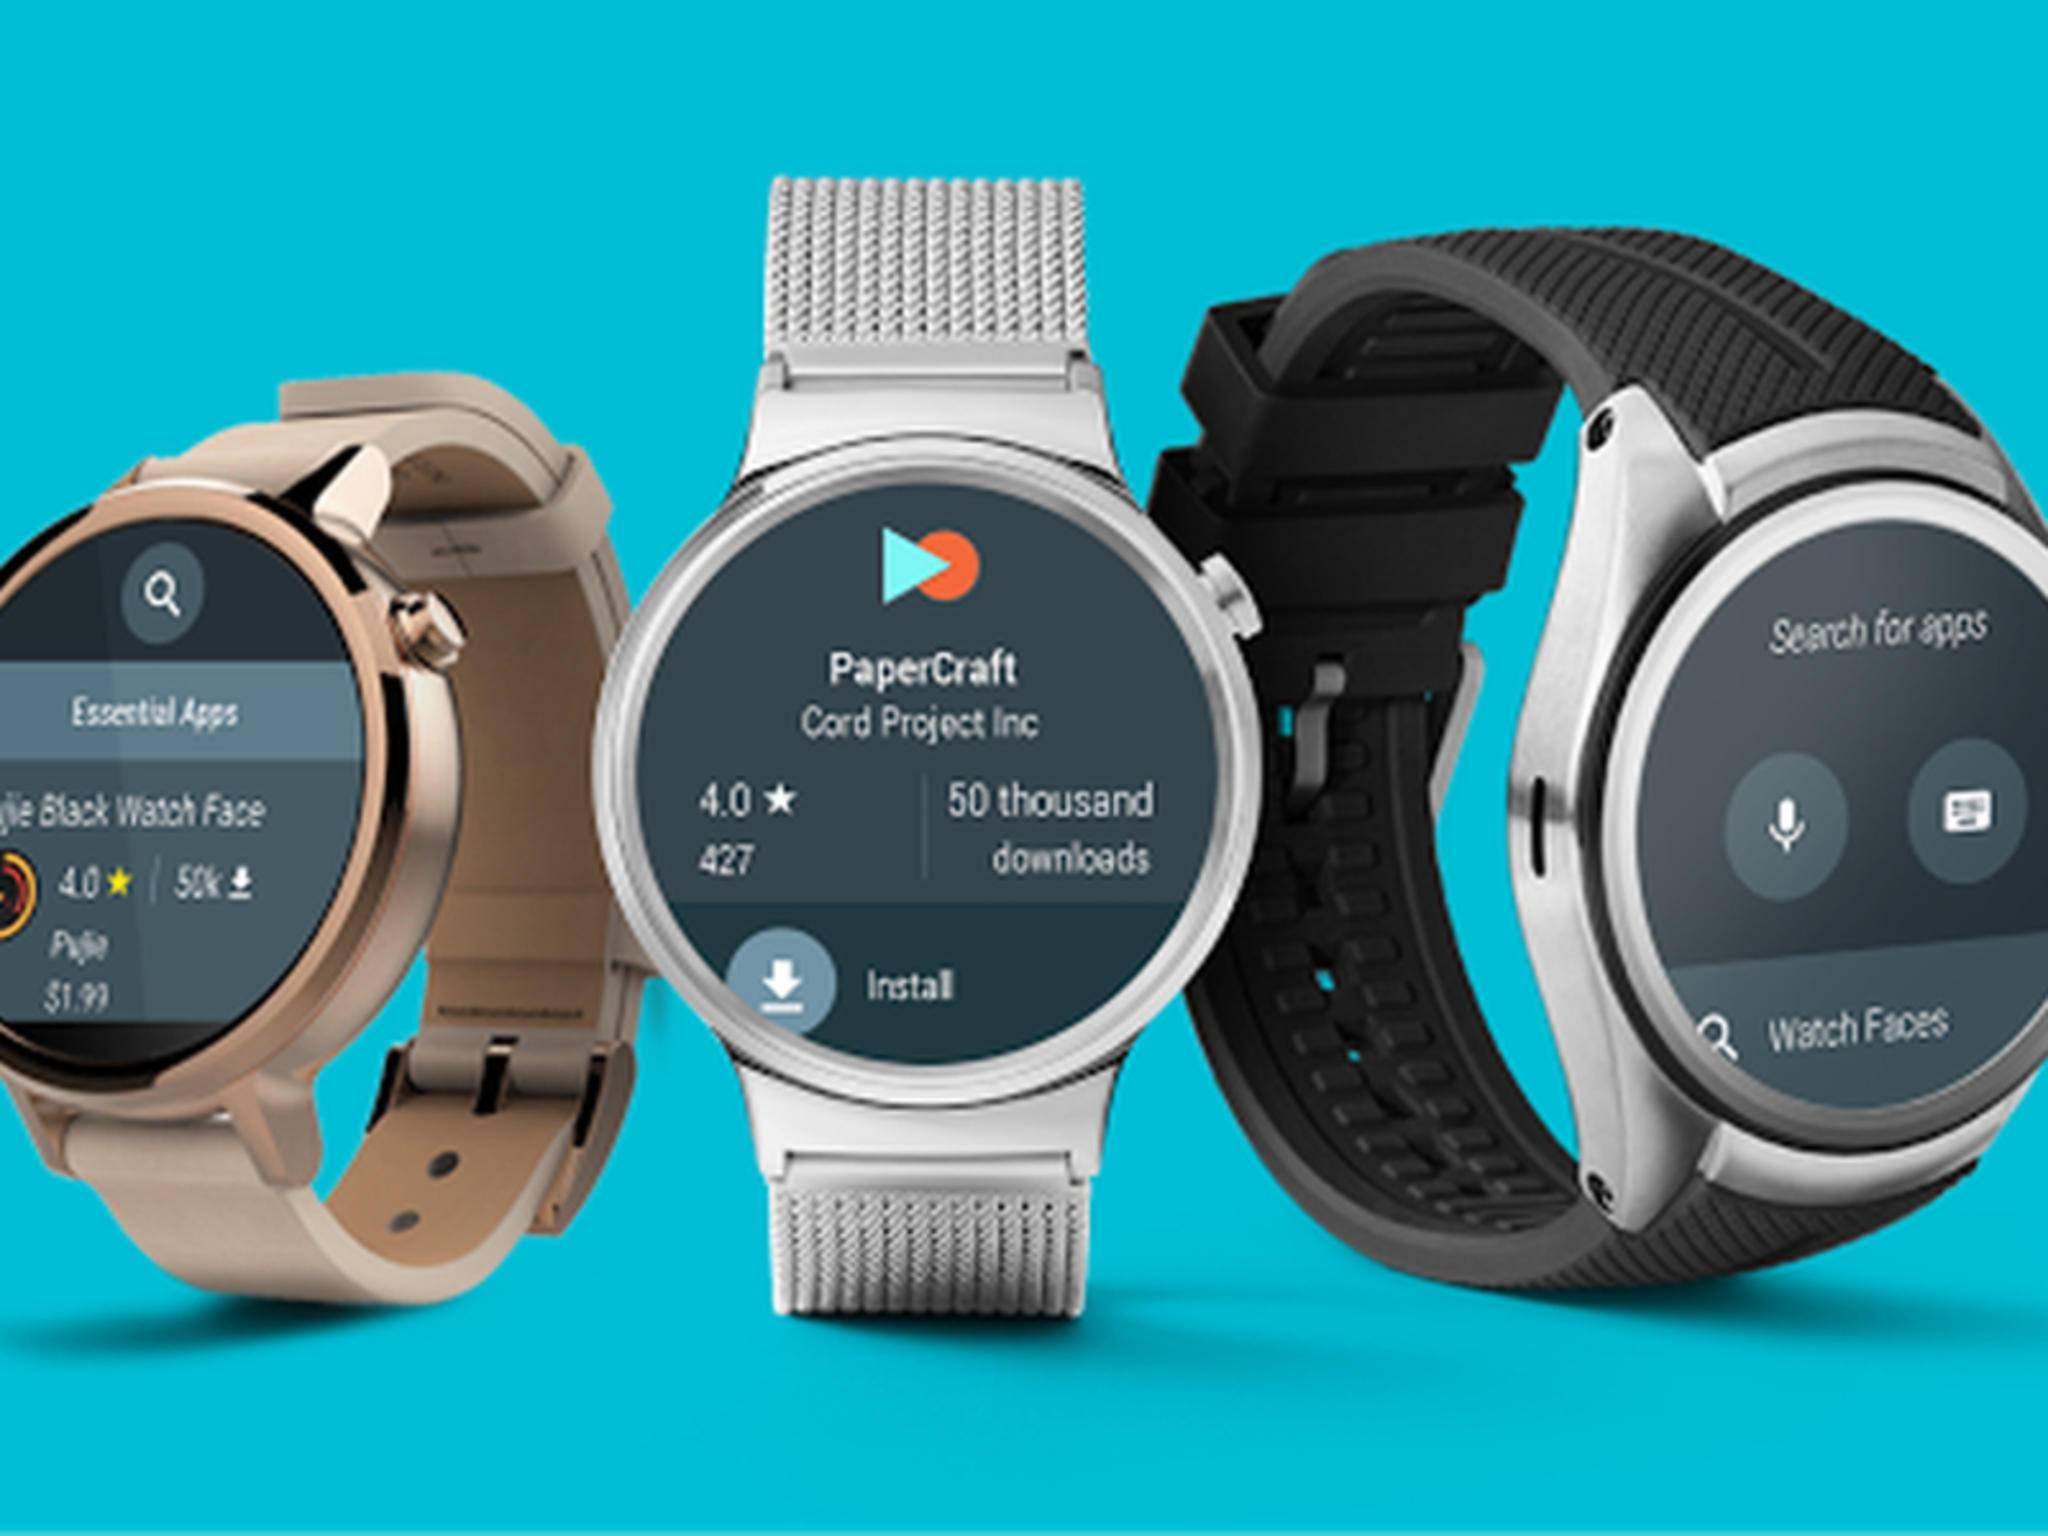 Die finale Version von Android Wear 2.0 kommt erst im Frühjahr 2017.